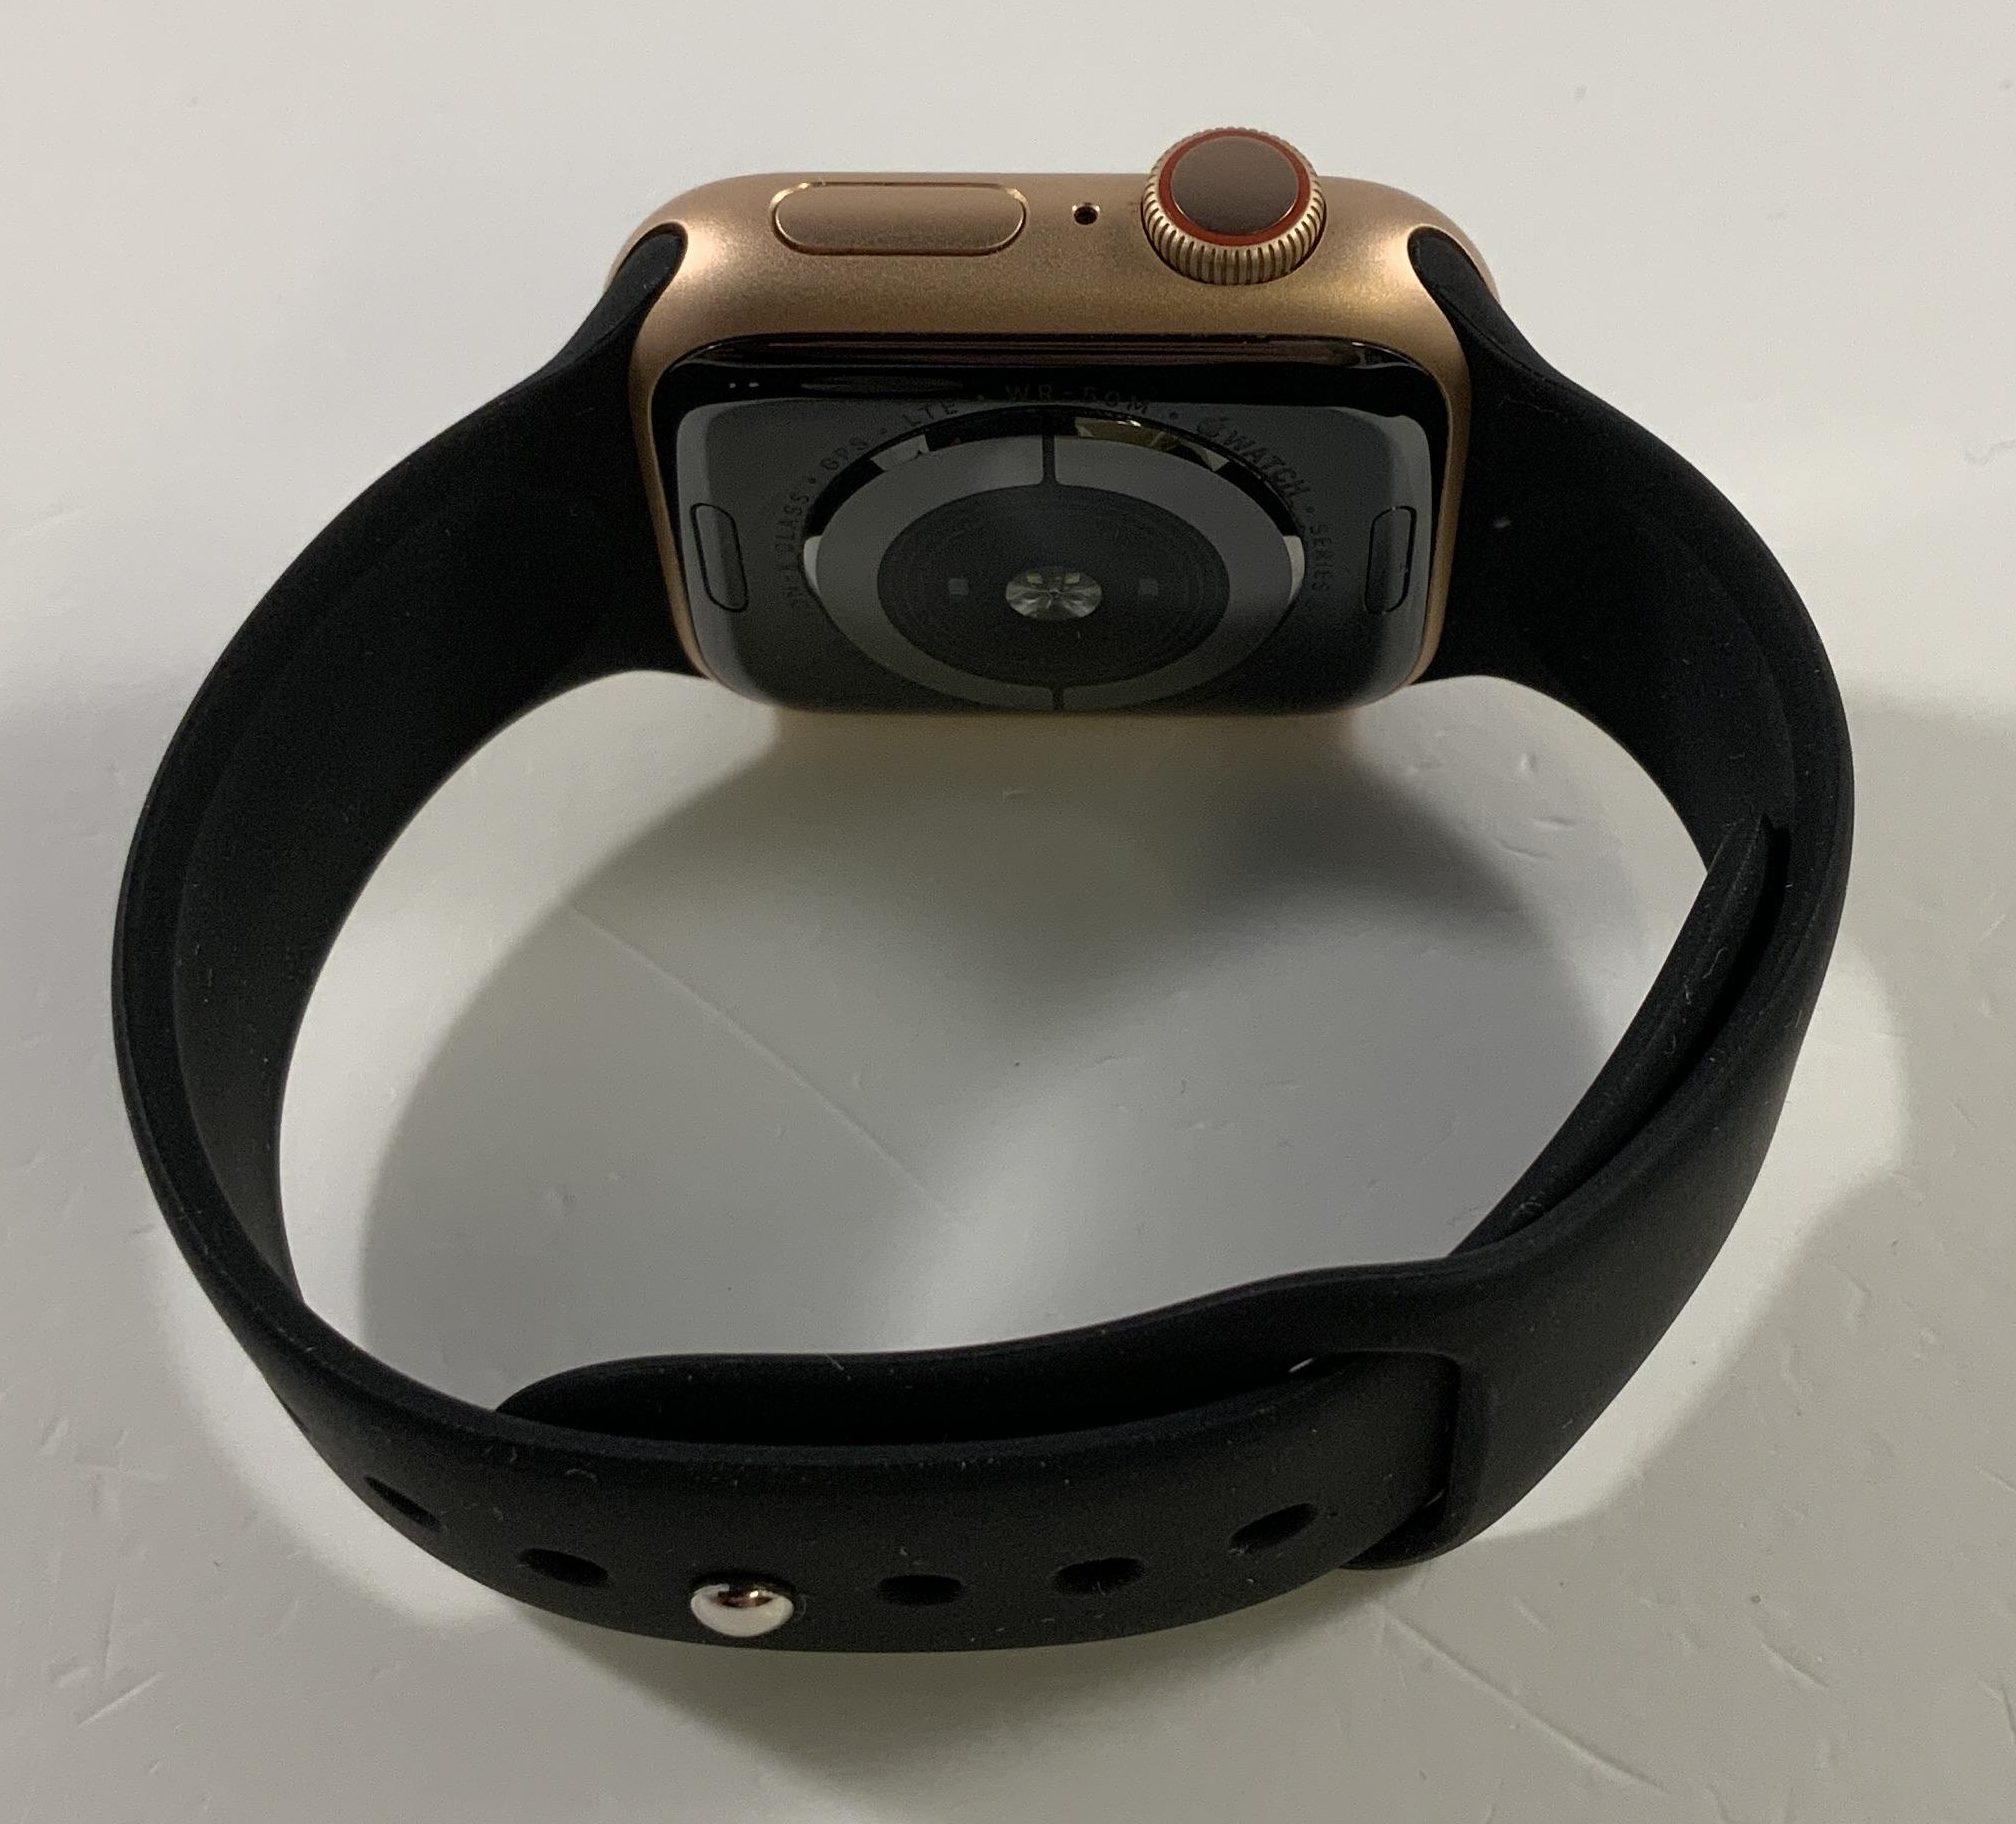 Watch Series 5 Aluminum (40mm), Gold, Bild 4